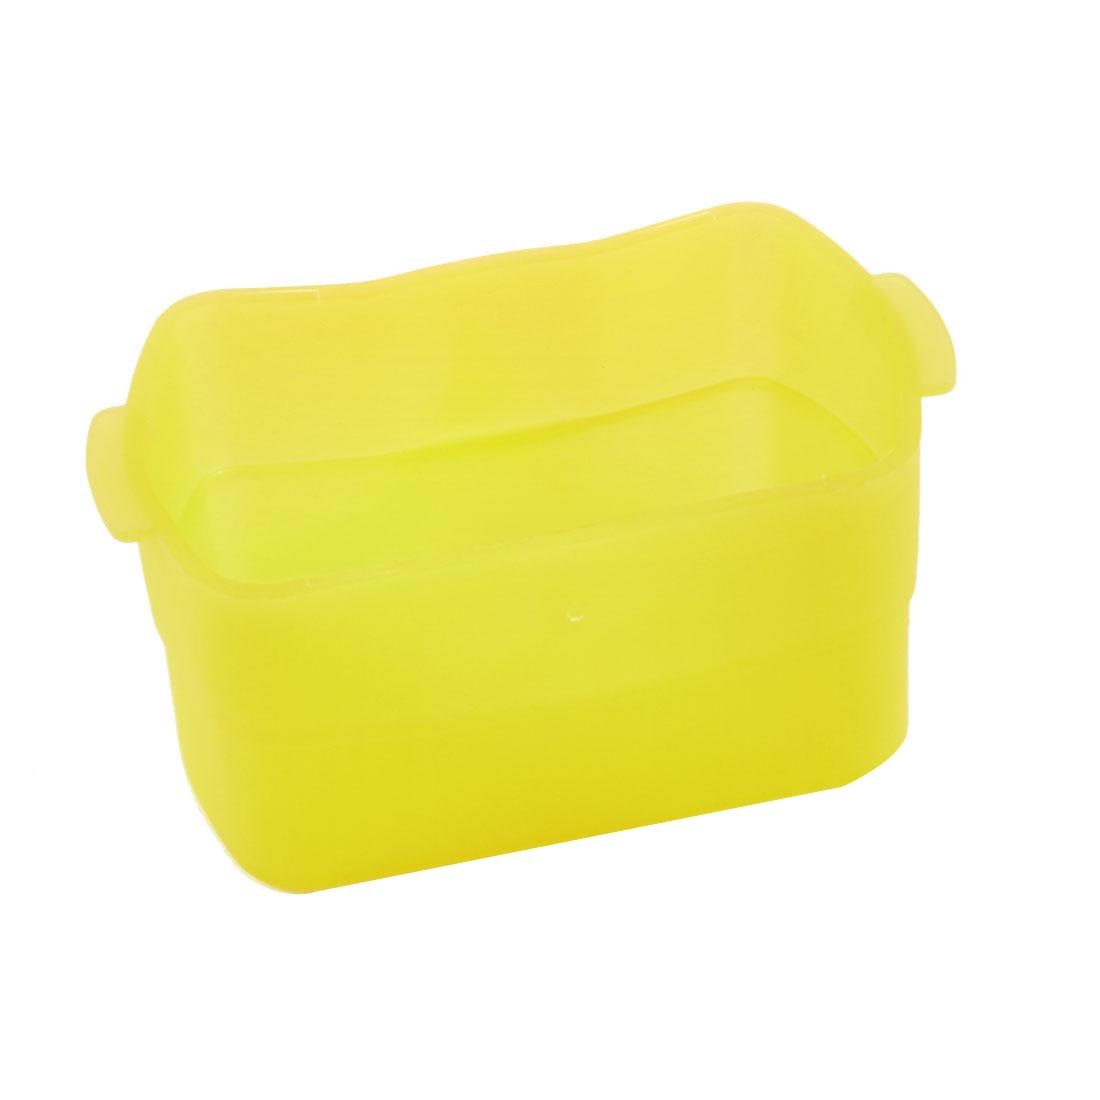 Yellow Flash Bounce Diffuser Camera Cover Cap Box for Canon 580EX II